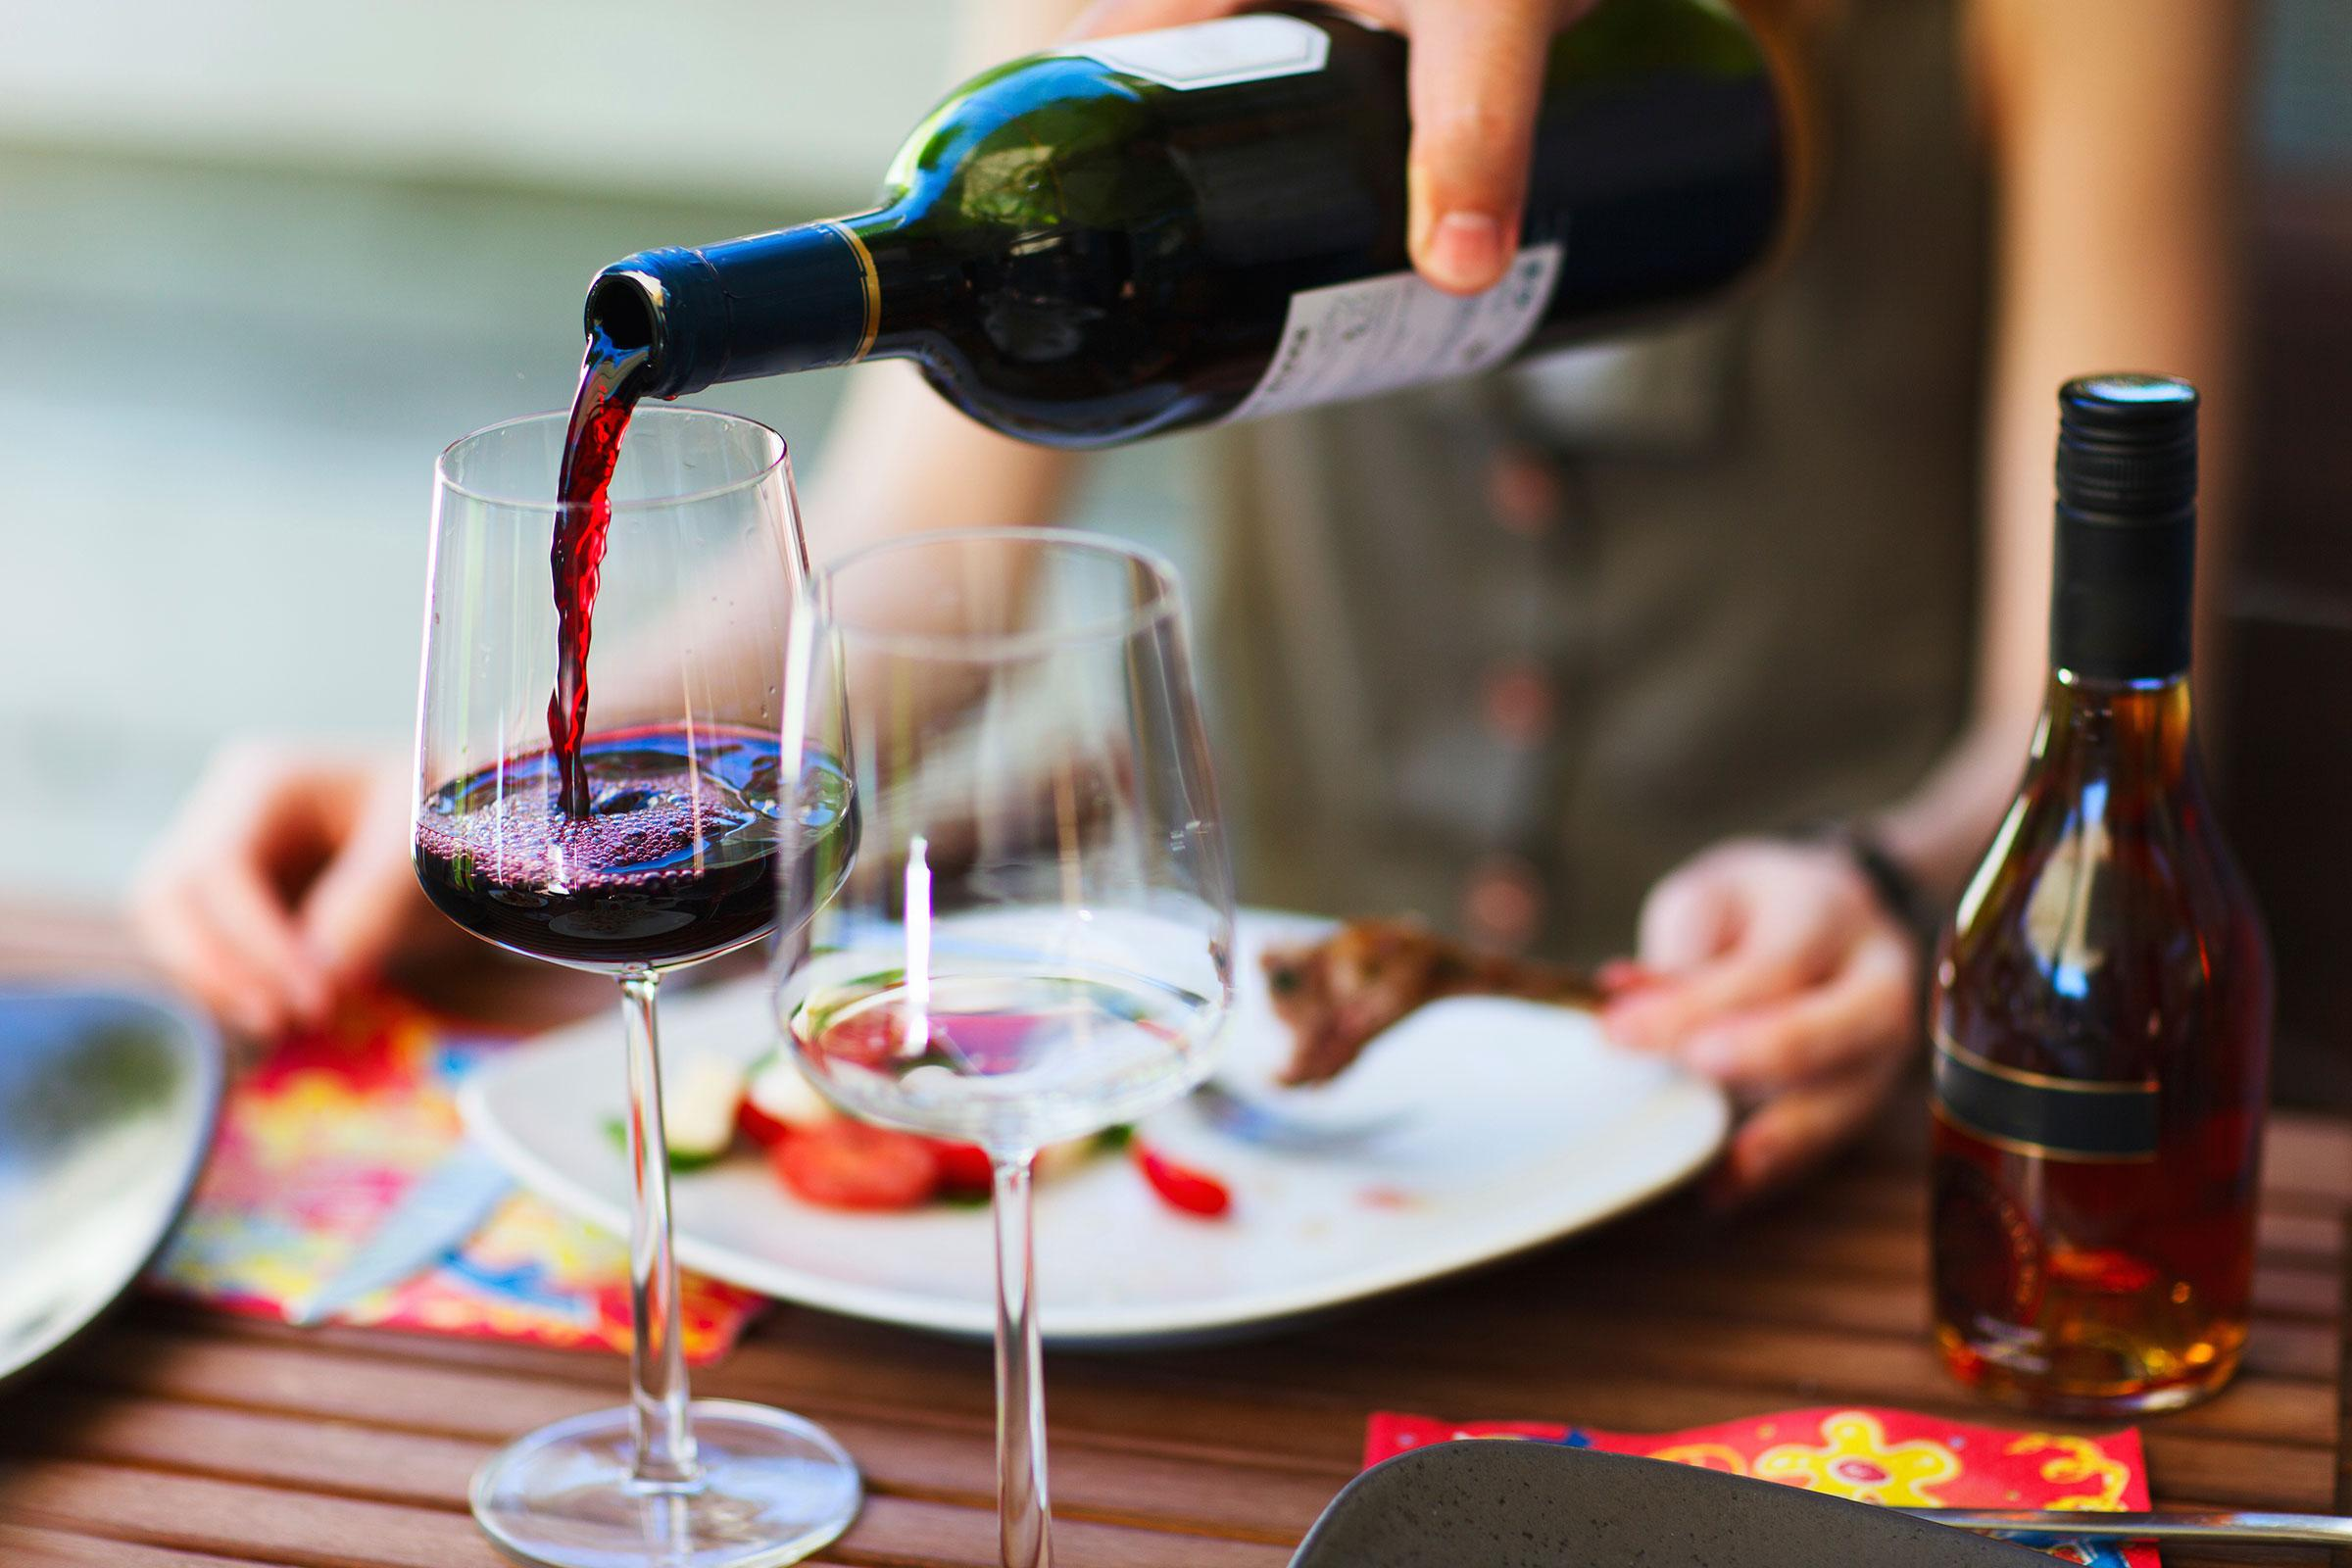 Полный отказ от алкоголя вредит здоровью